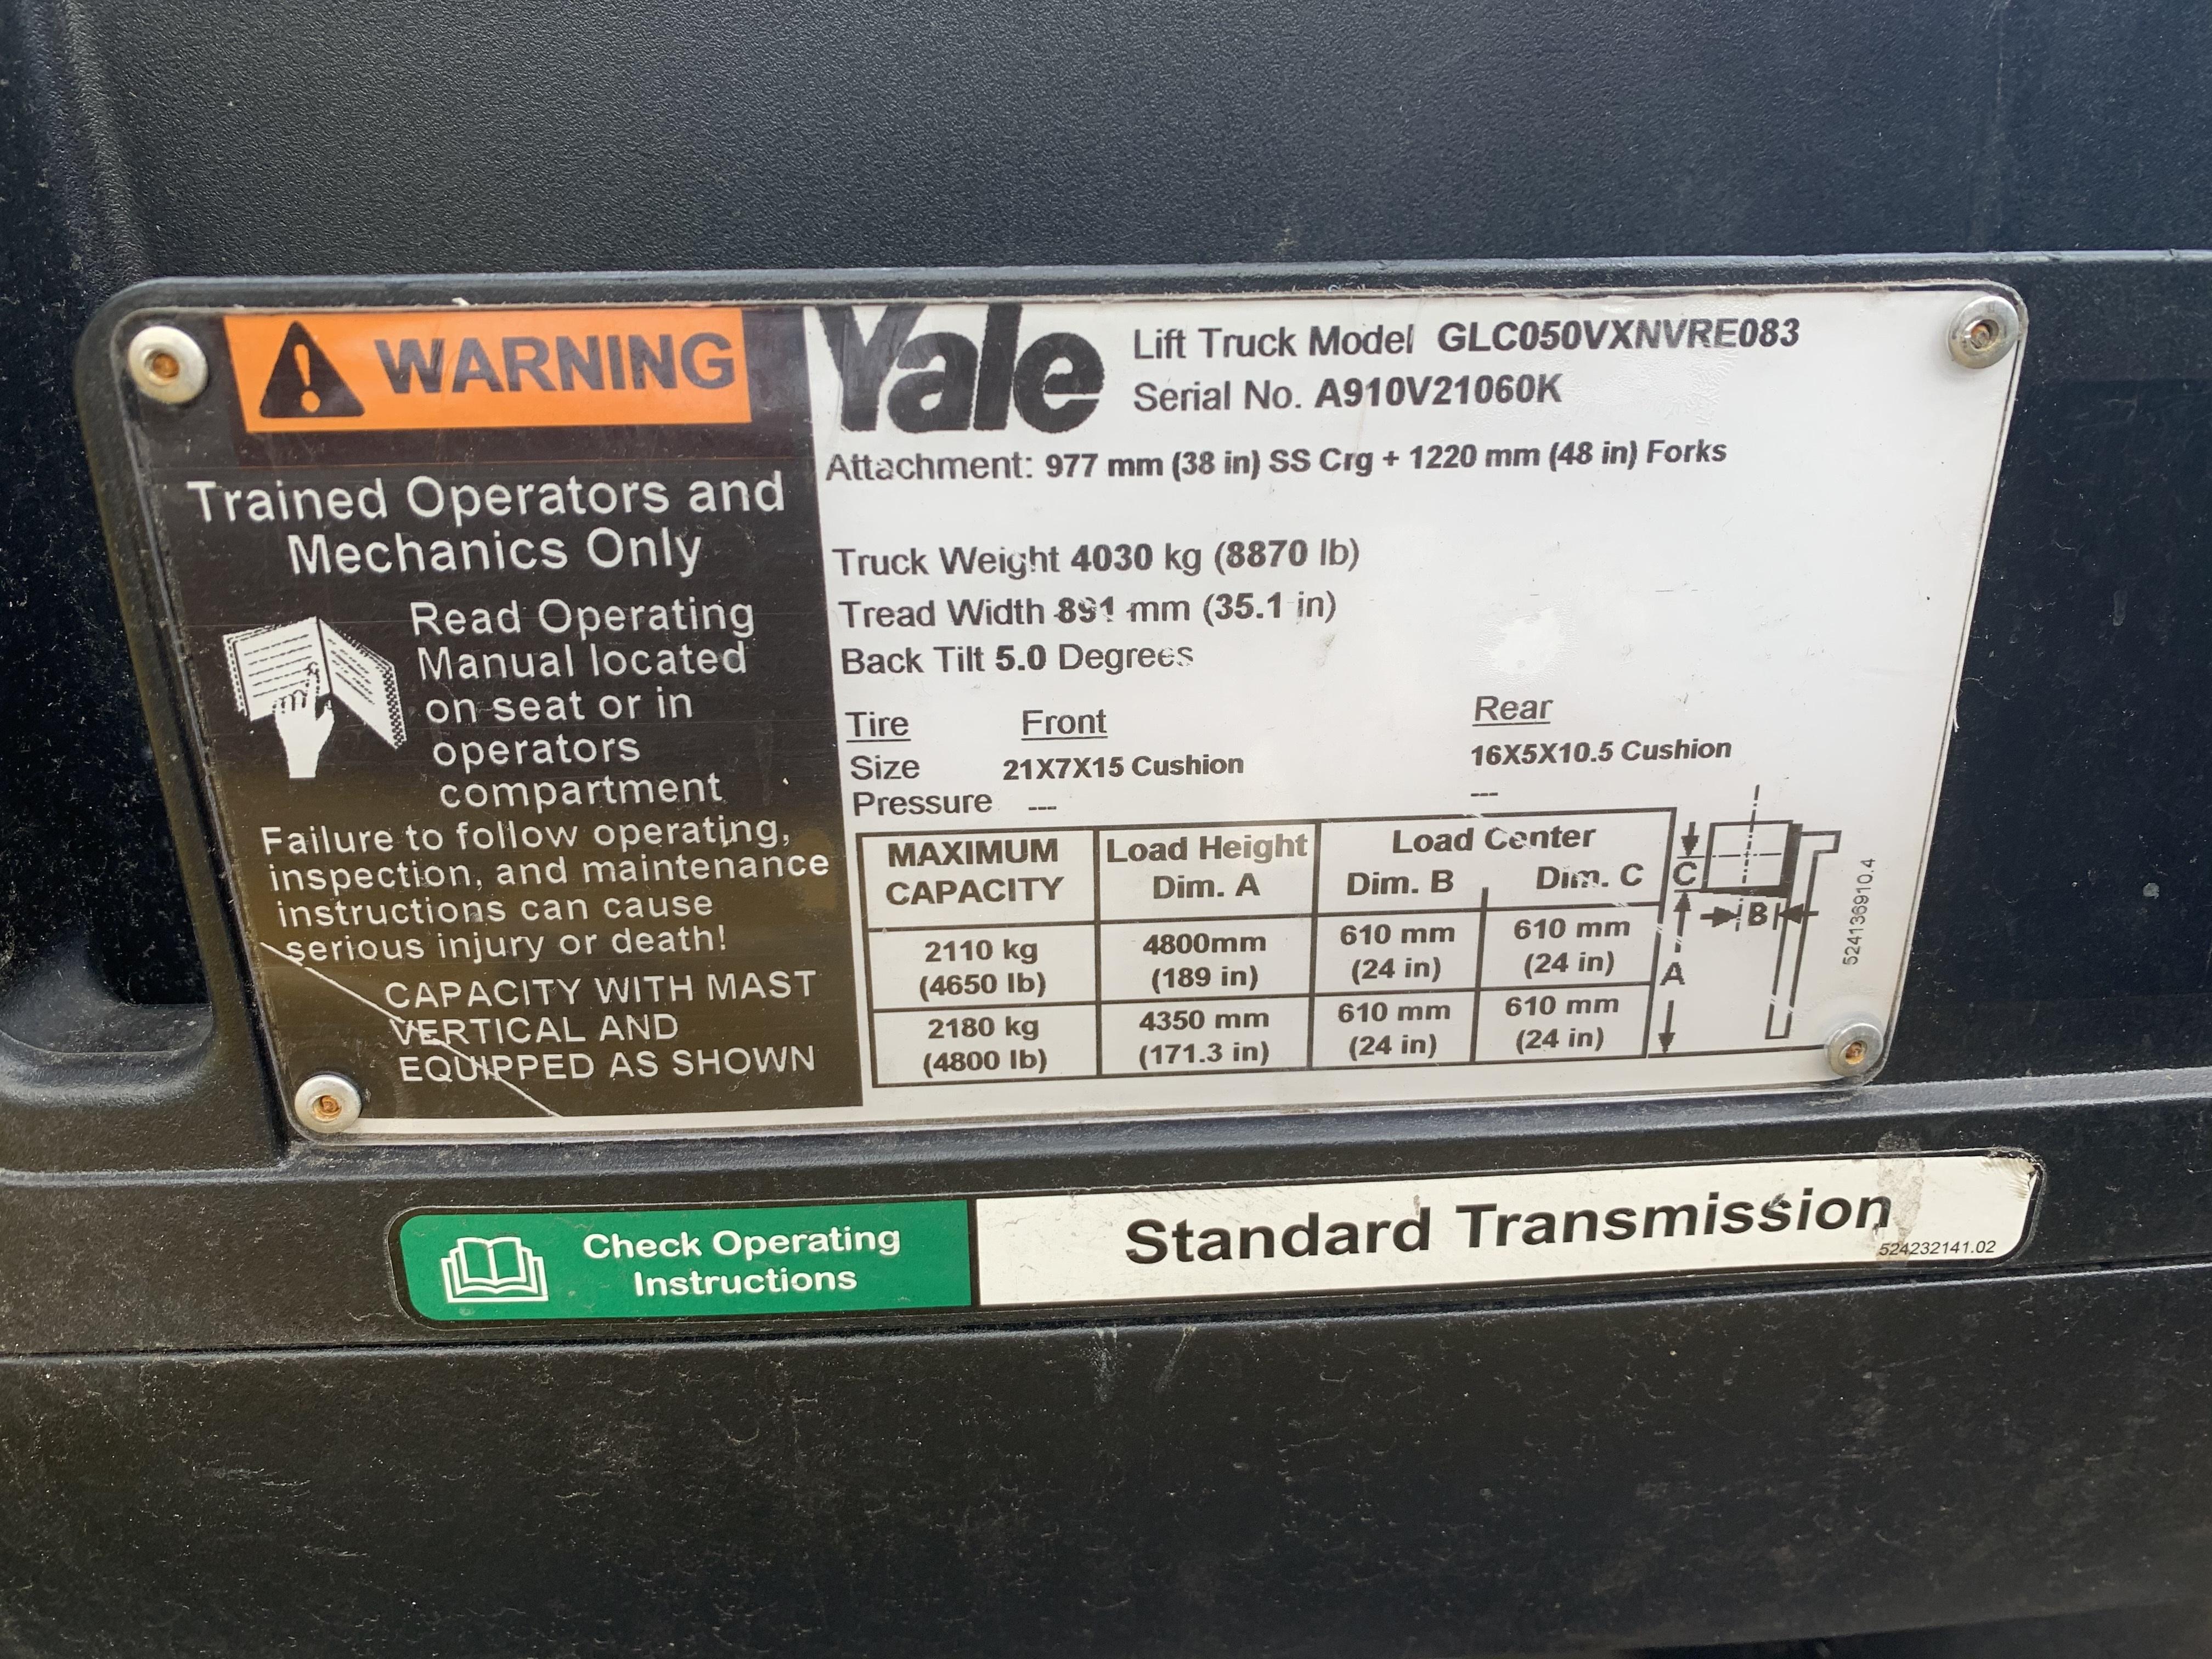 2012 Yale GLC050